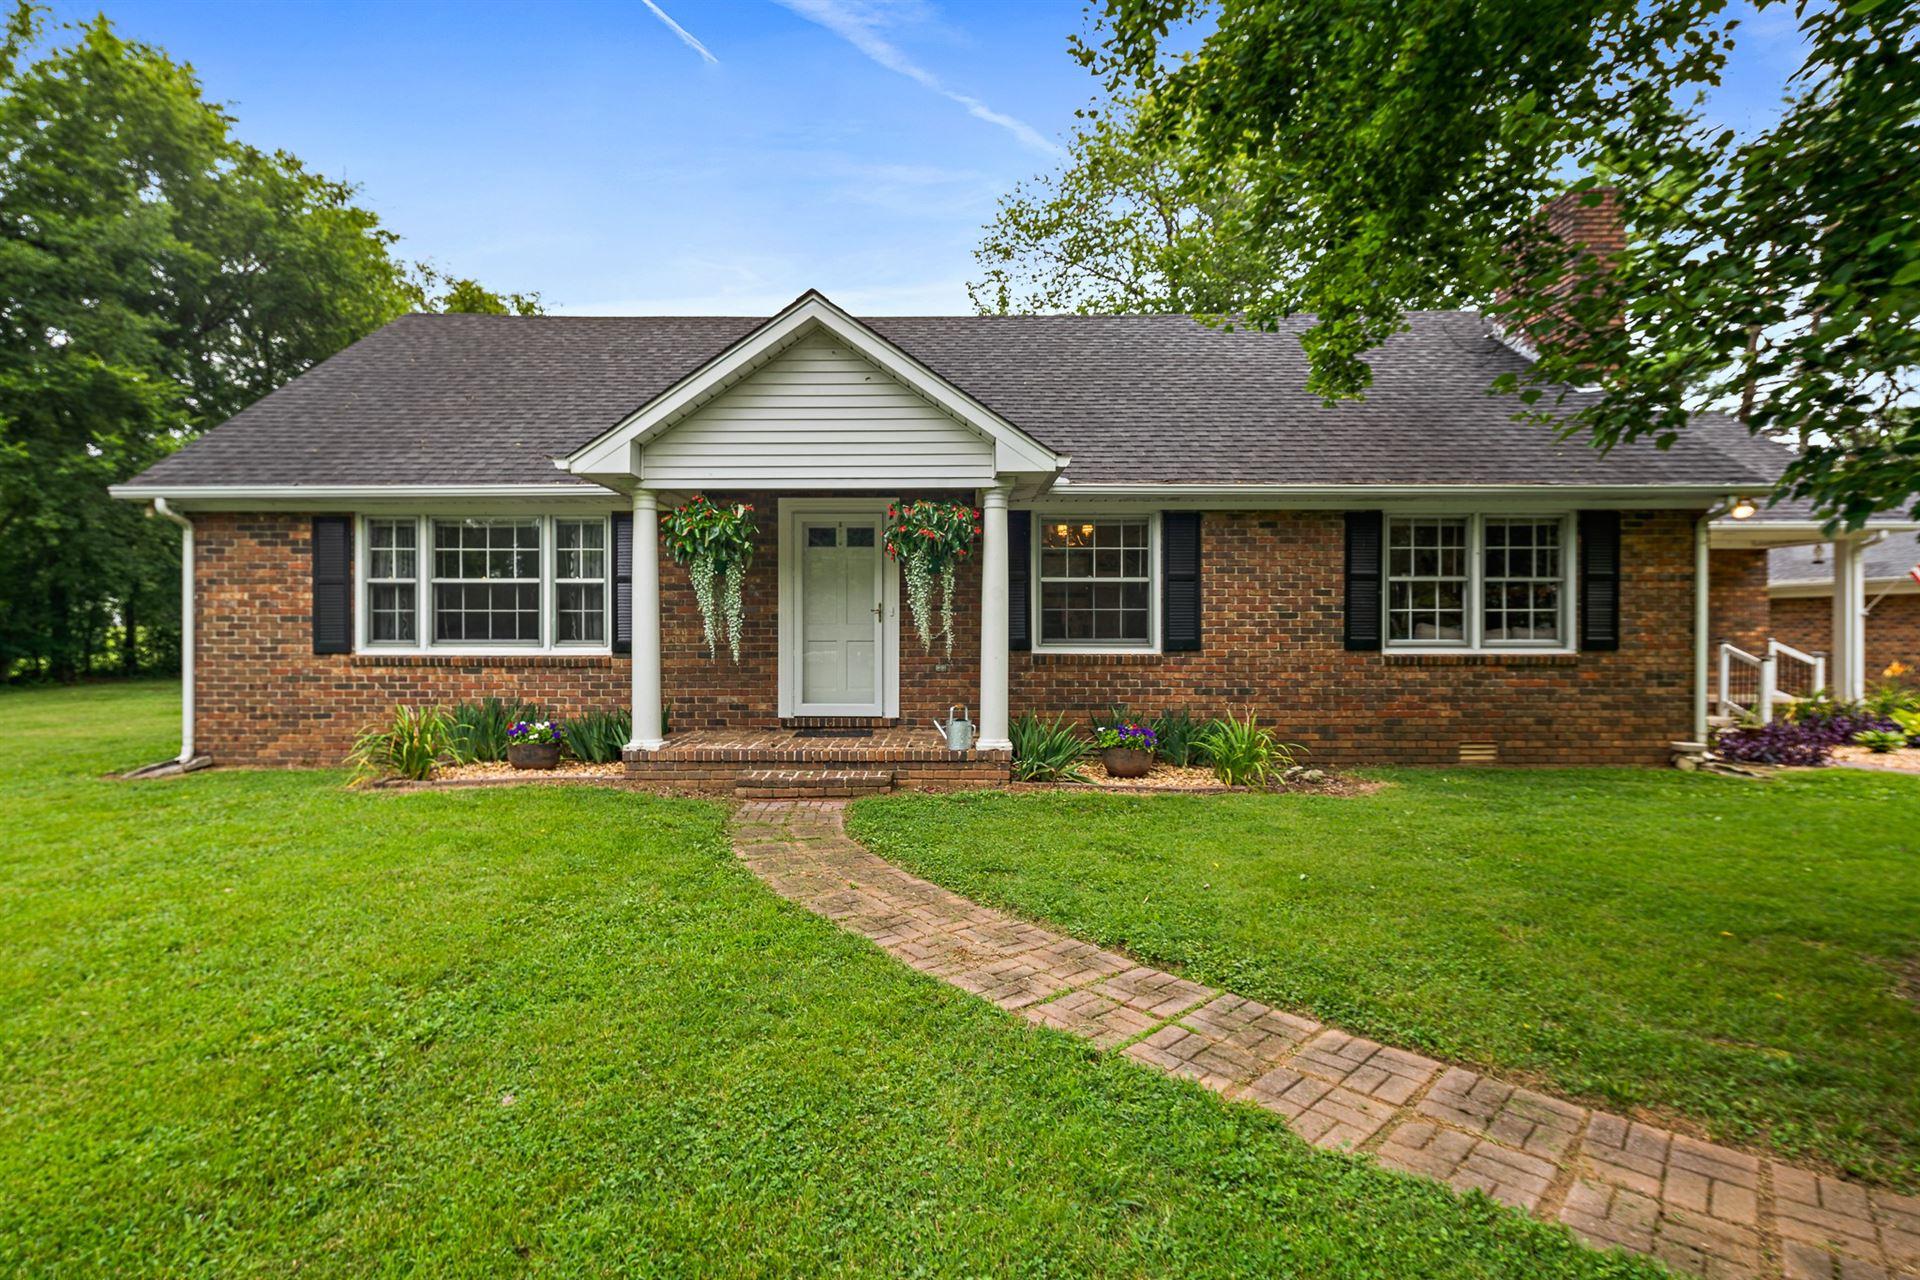 3112 Dilton Mankin Rd, Murfreesboro, TN 37127 - MLS#: 2273591